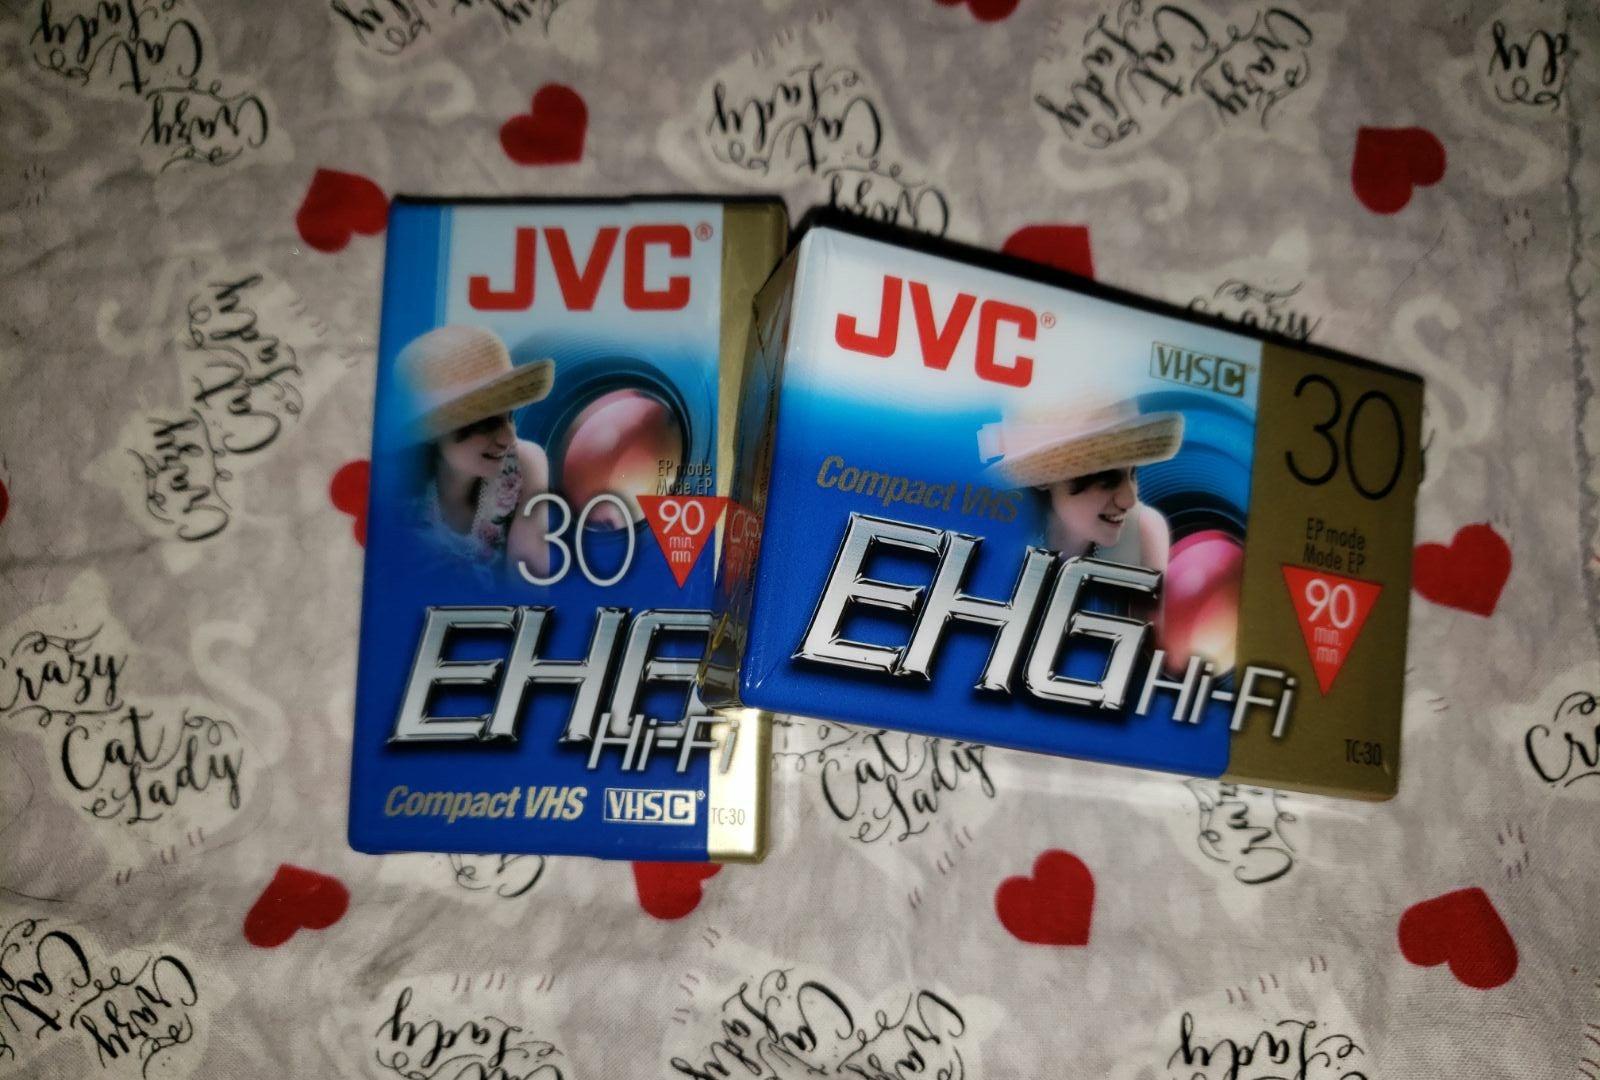 2 JVC EHG Tapes NIP Compact VHS